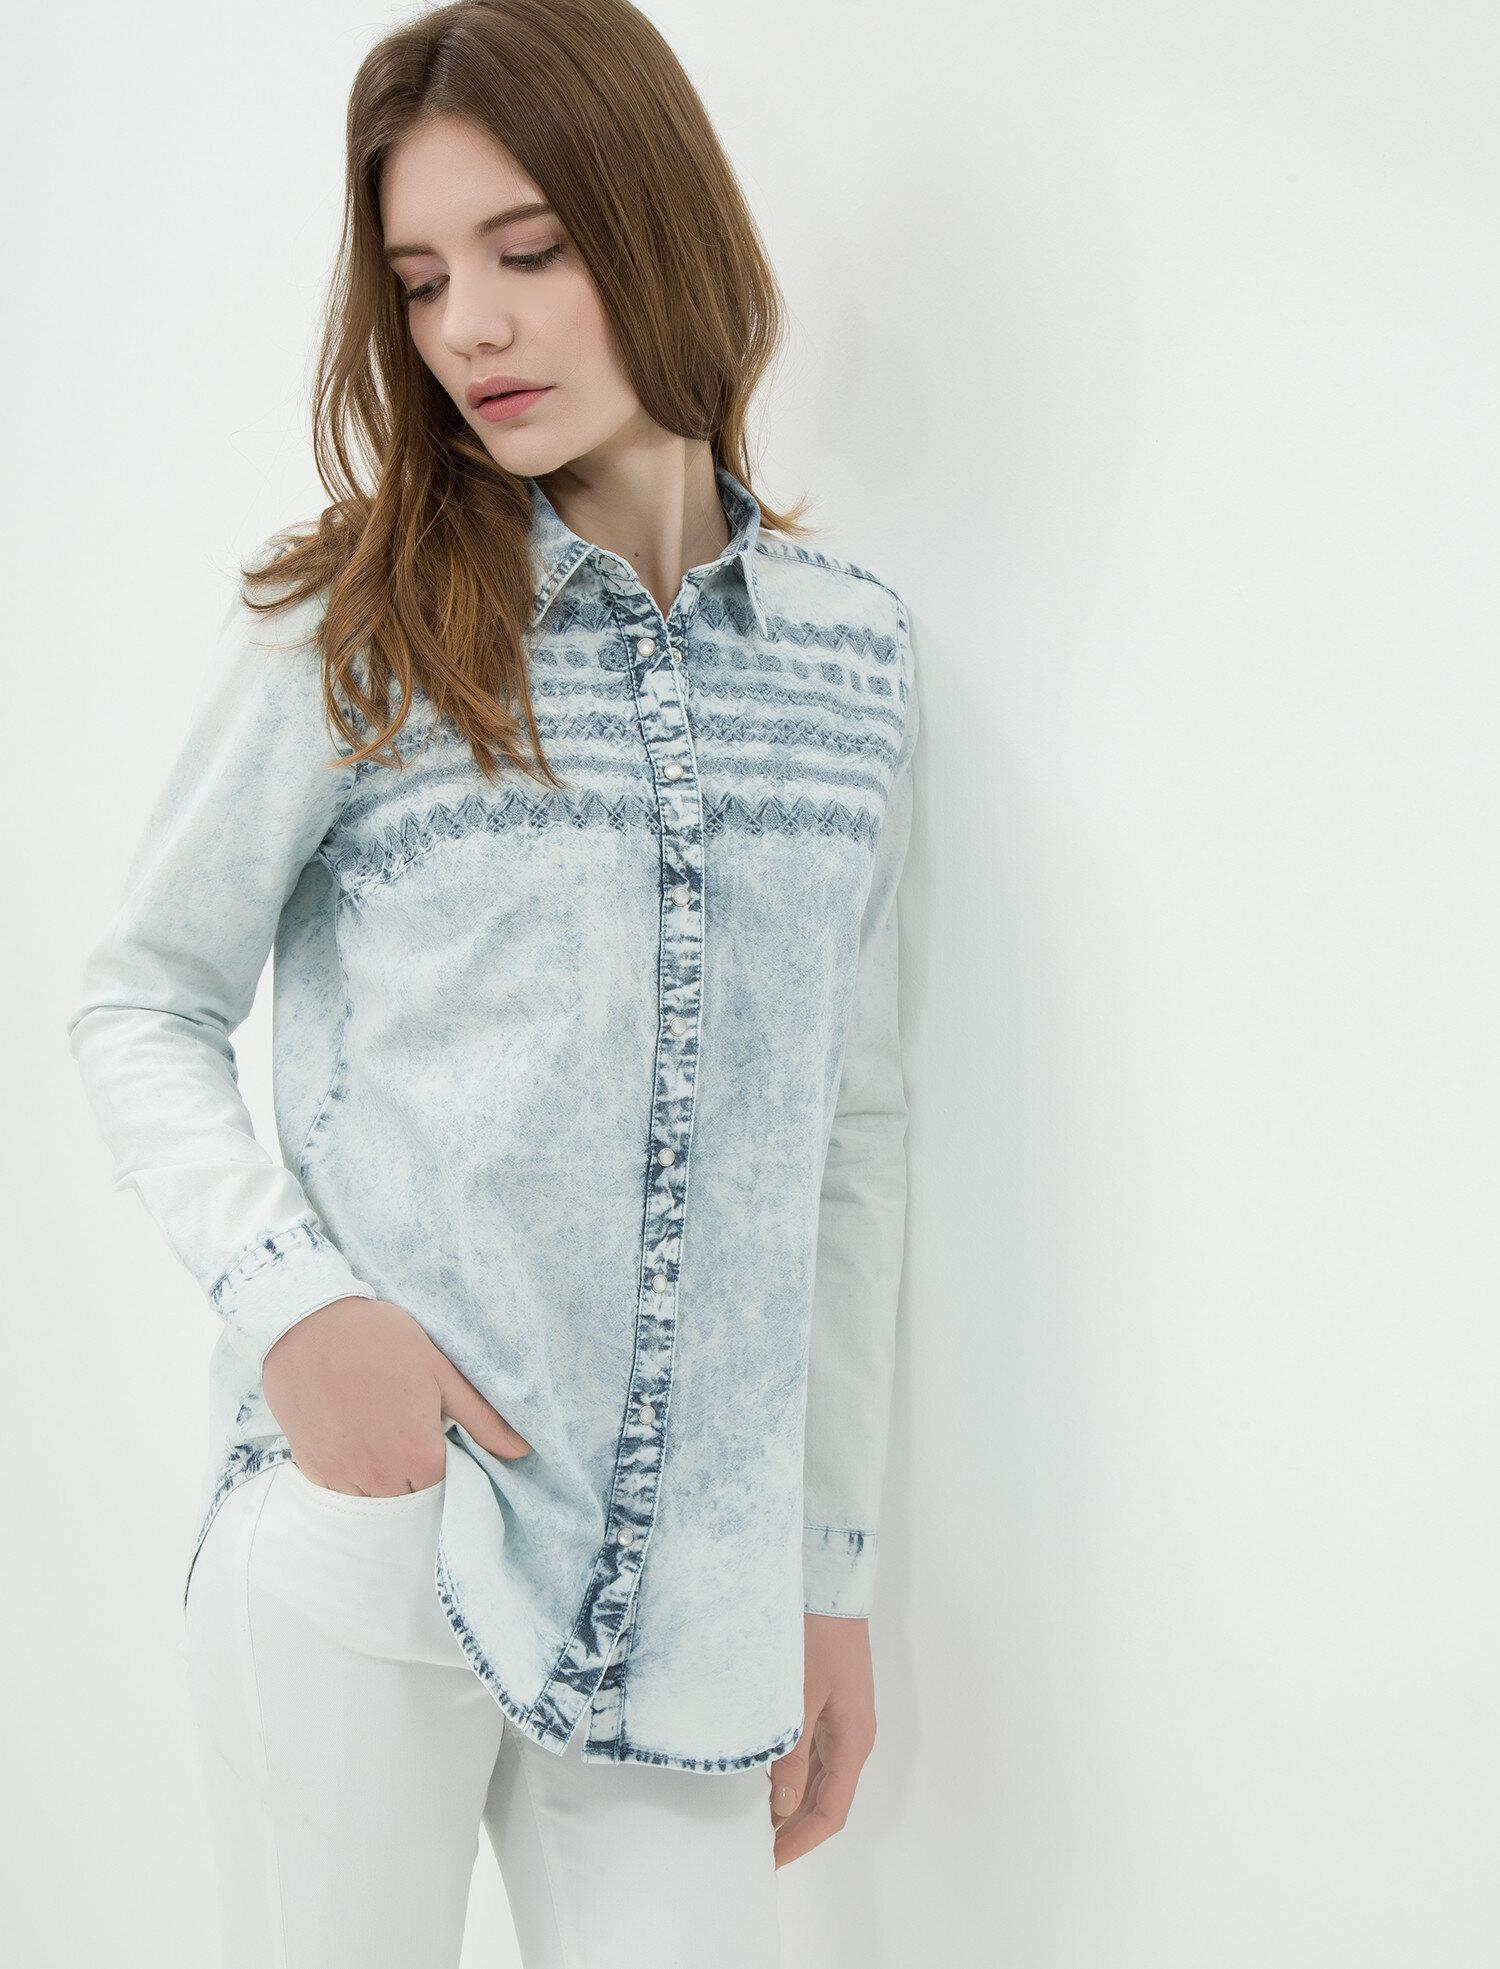 a61129f4ff5bf Jean Shirt Dress Long Sleeve - raveitsafe